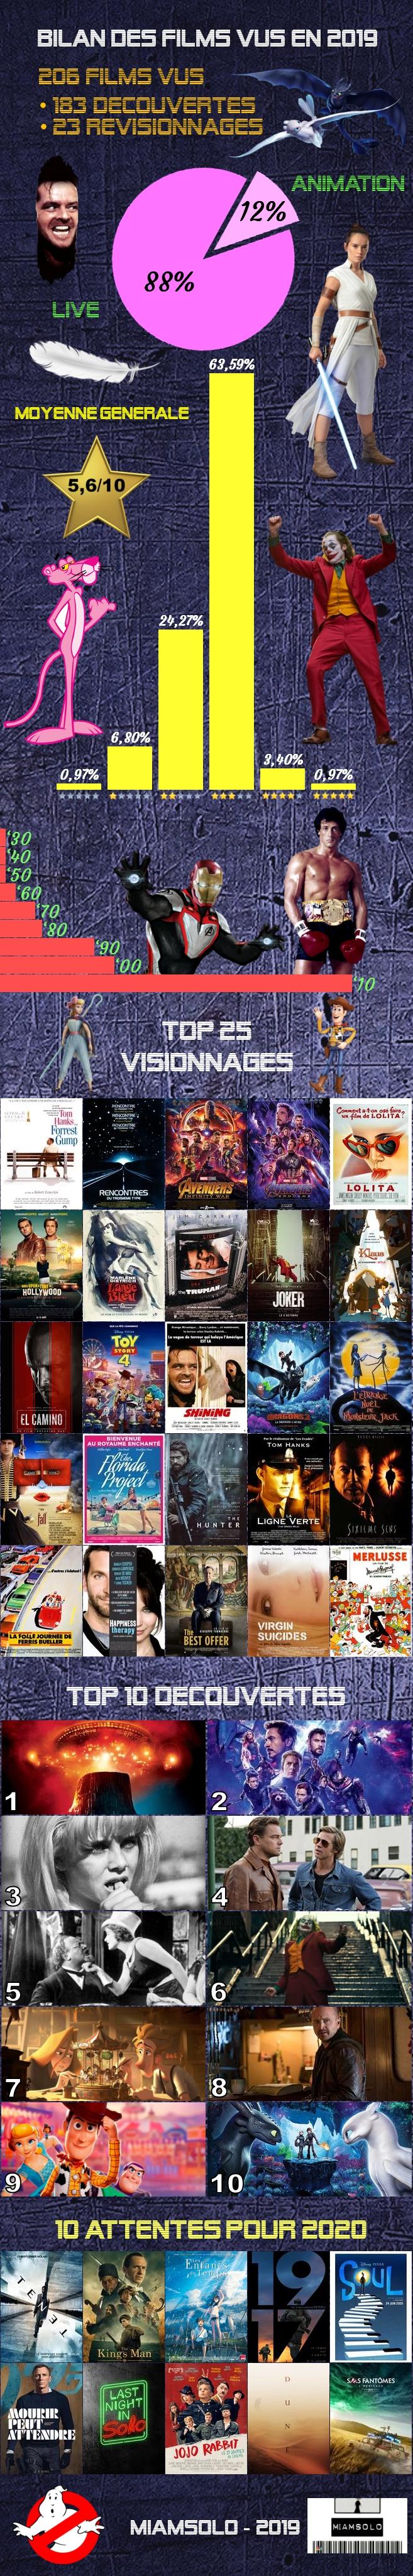 Bilan des films vus en 2019